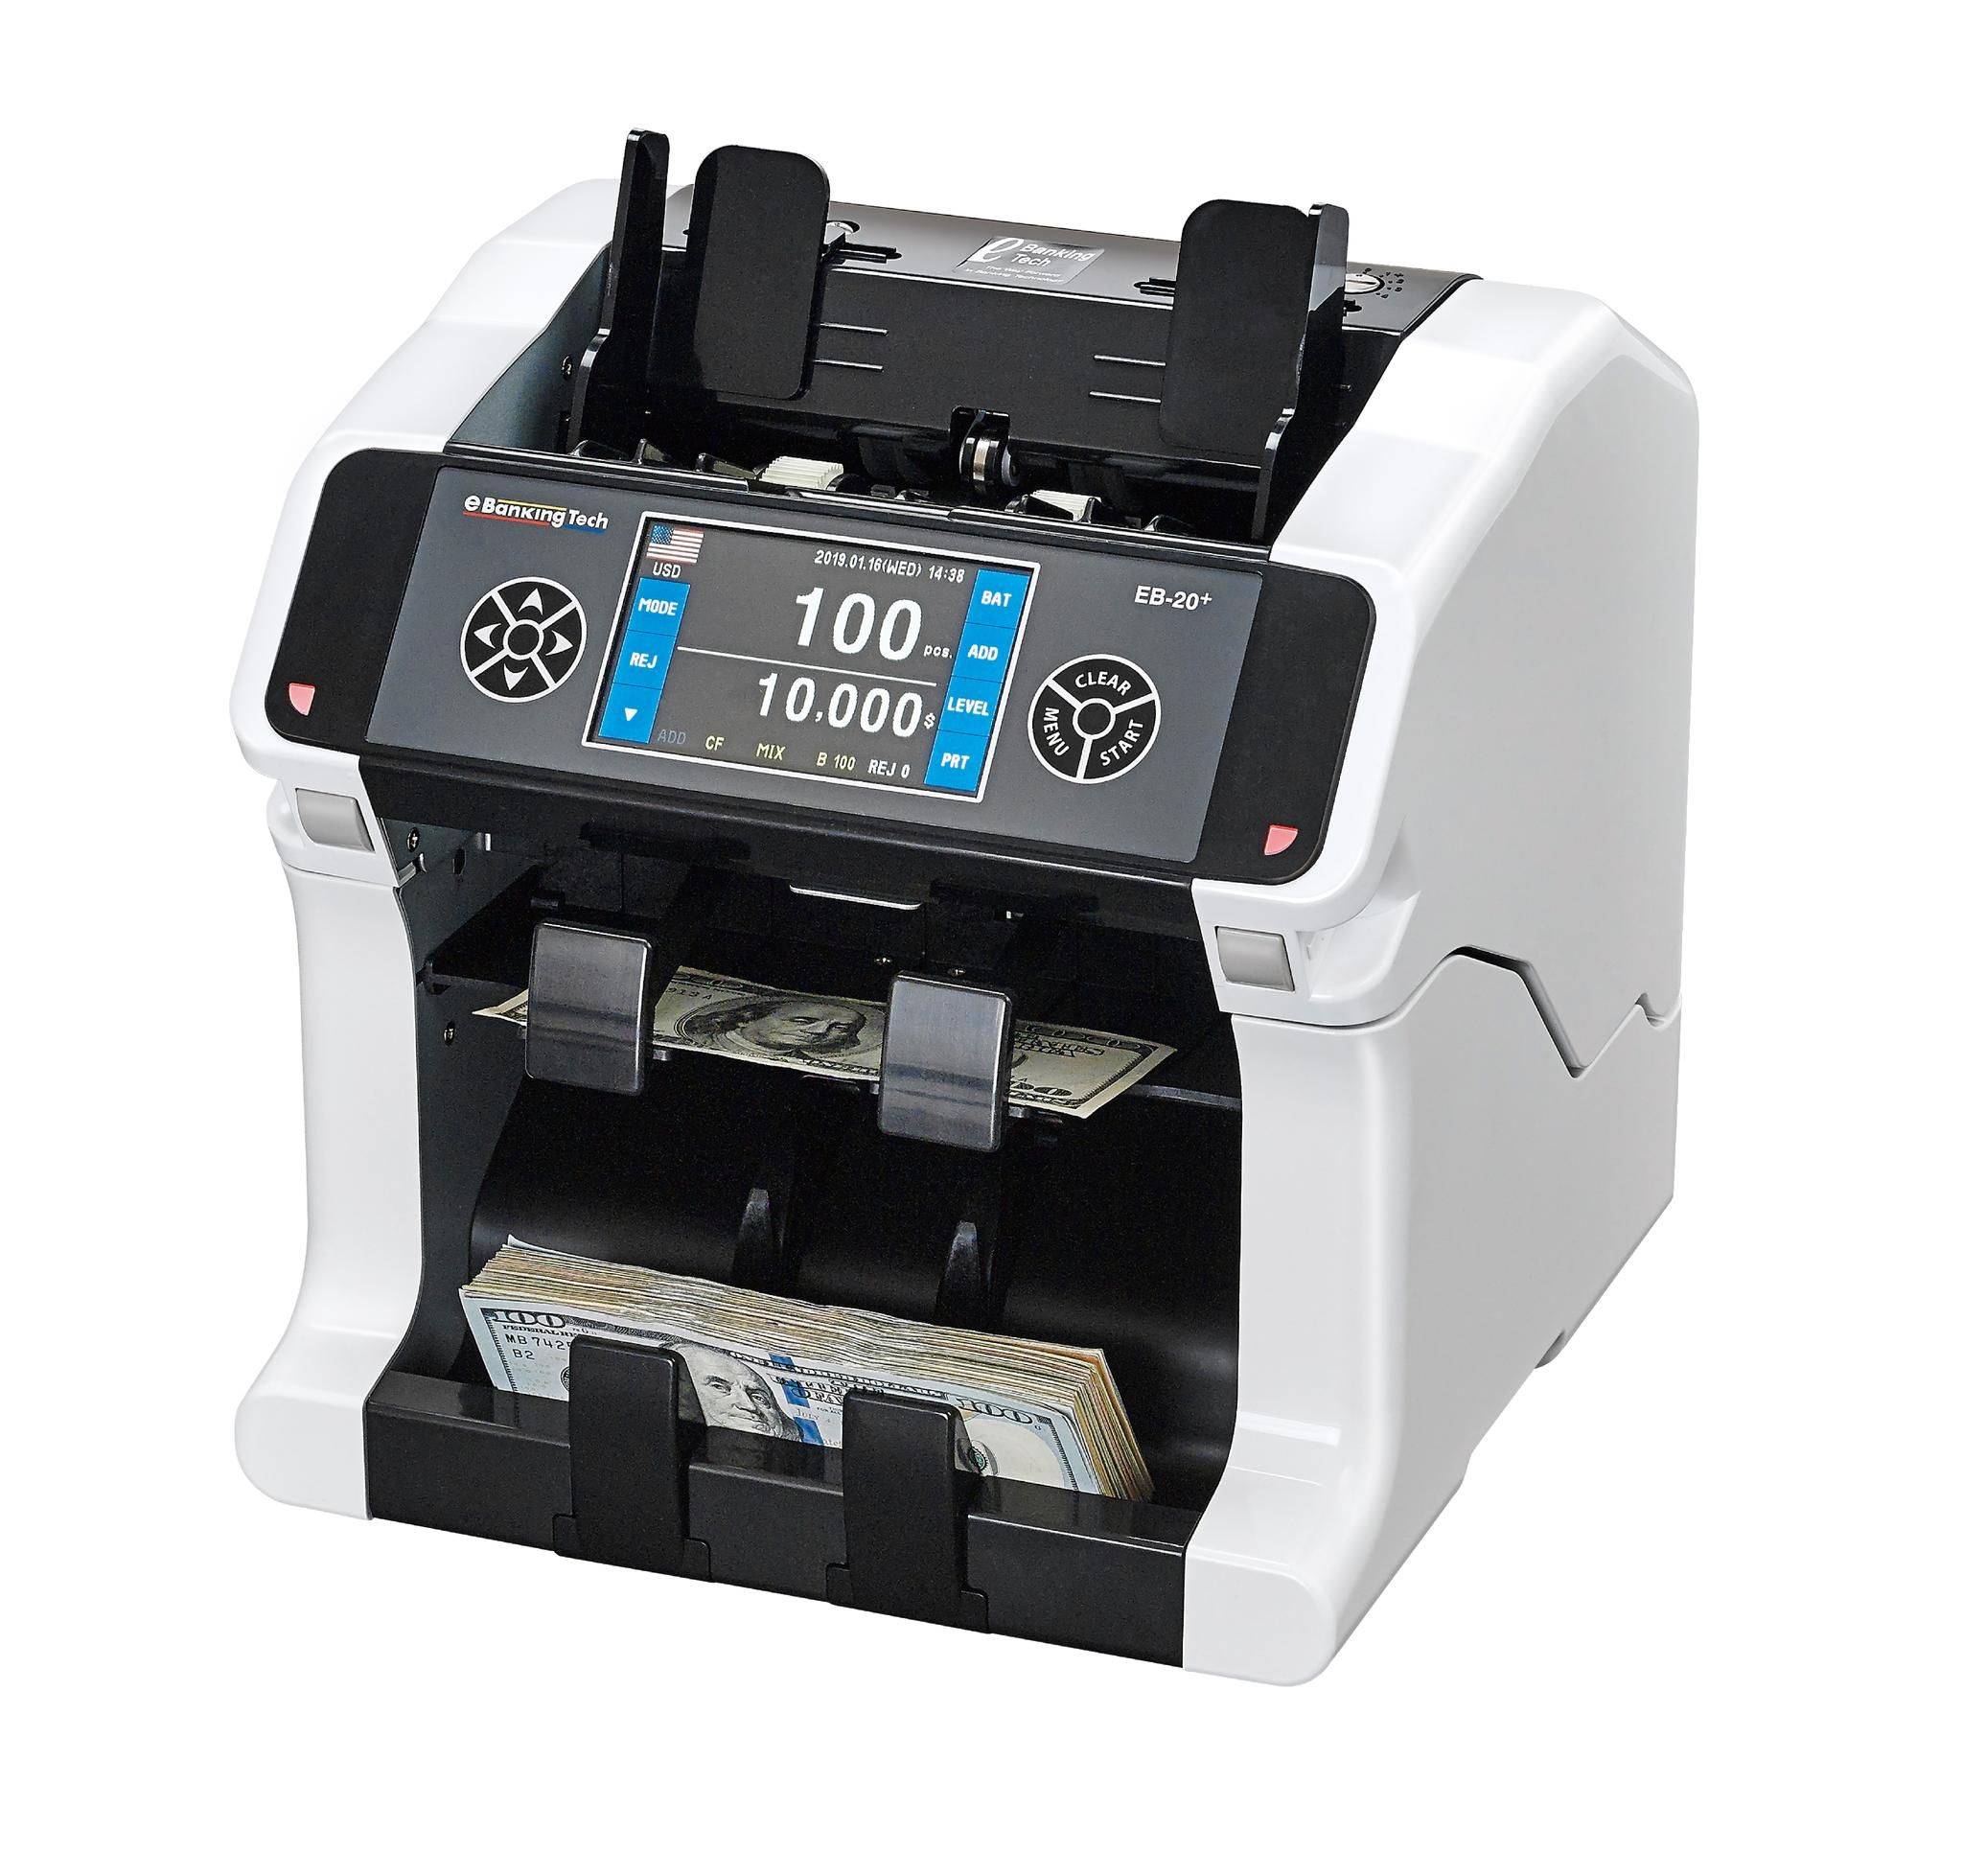 e-Banking Tech Co., Ltd.